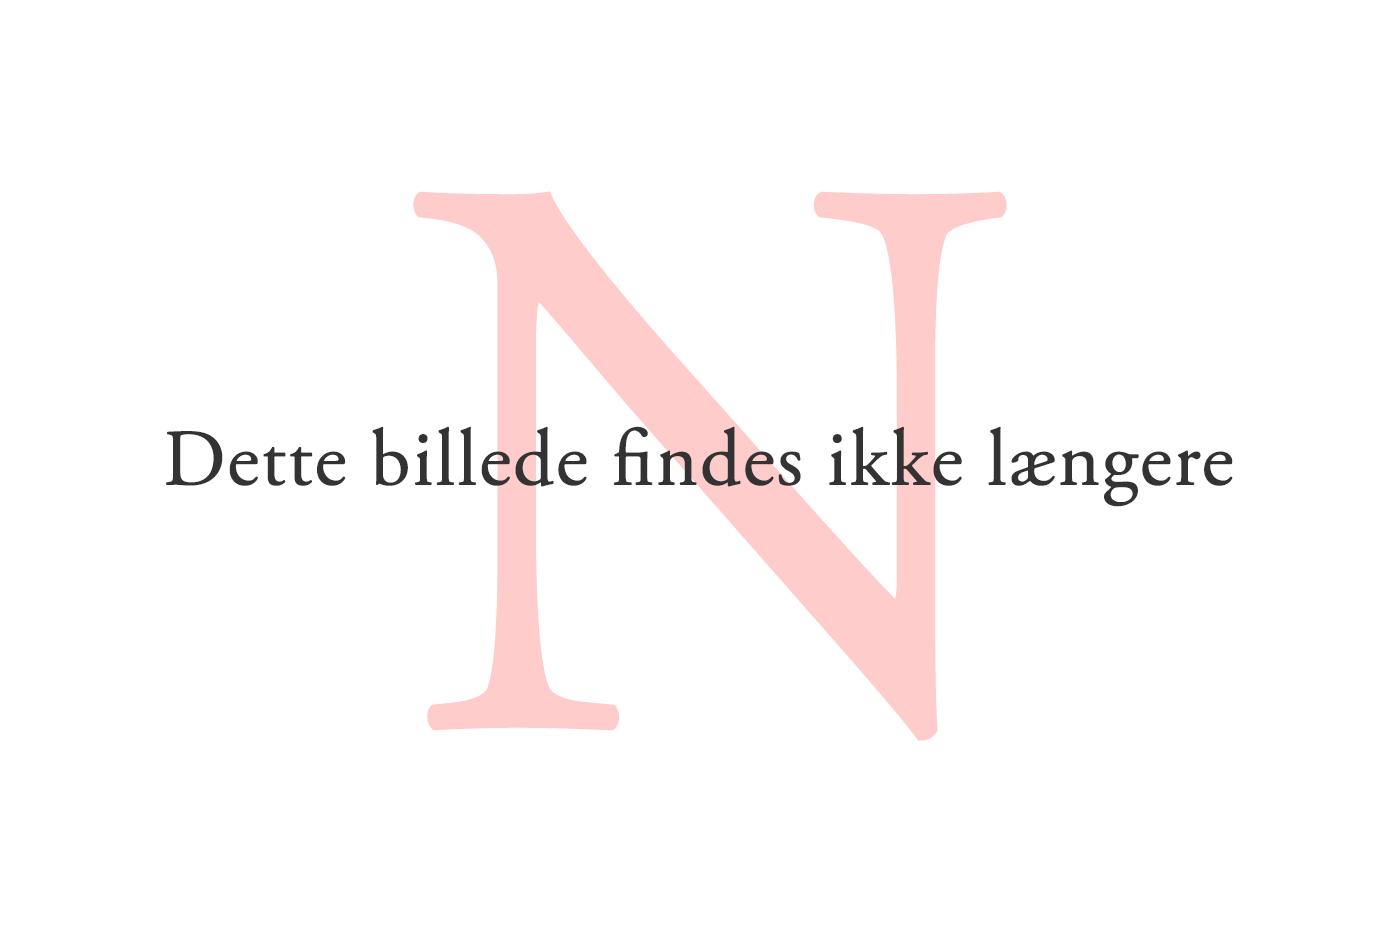 Nyt nordisk forlagssamarbejde dropper oversættelser